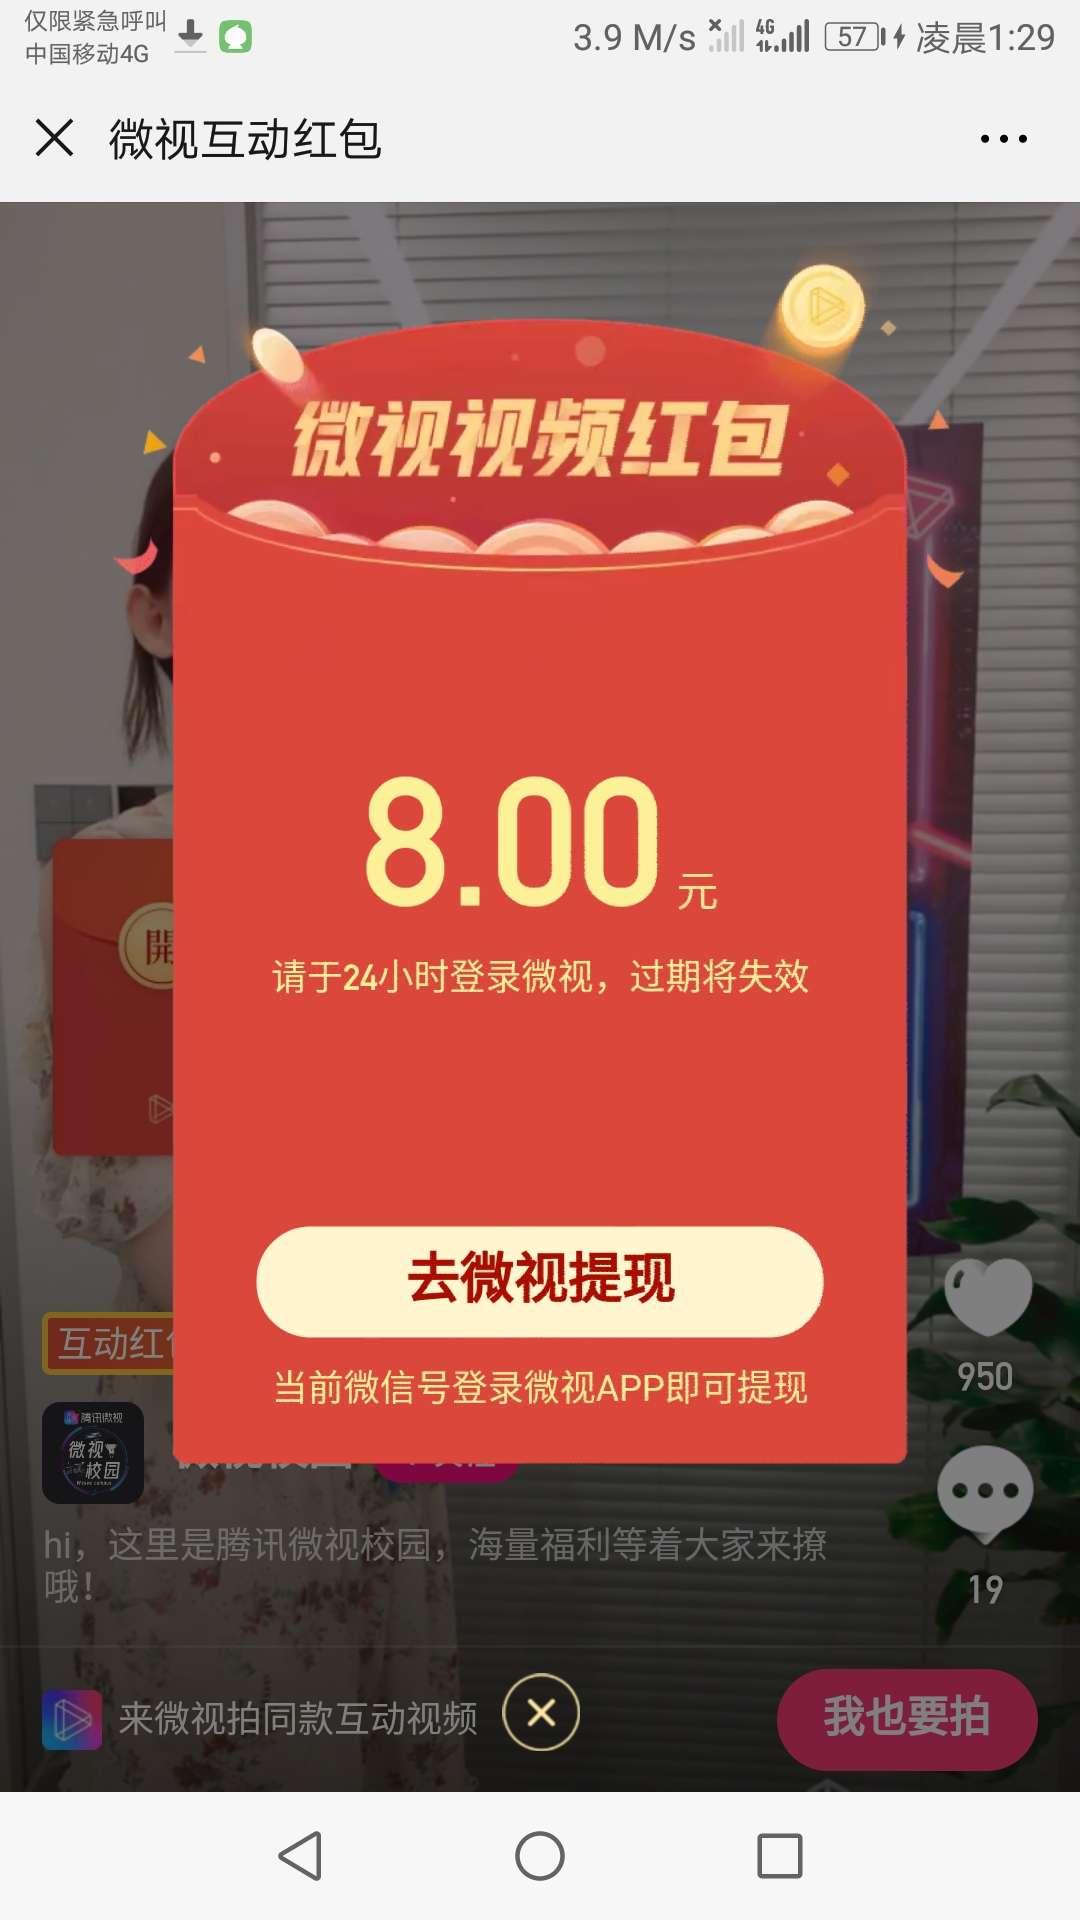 【现金红包】微视视频必得微信红包秒到-www.im86.com